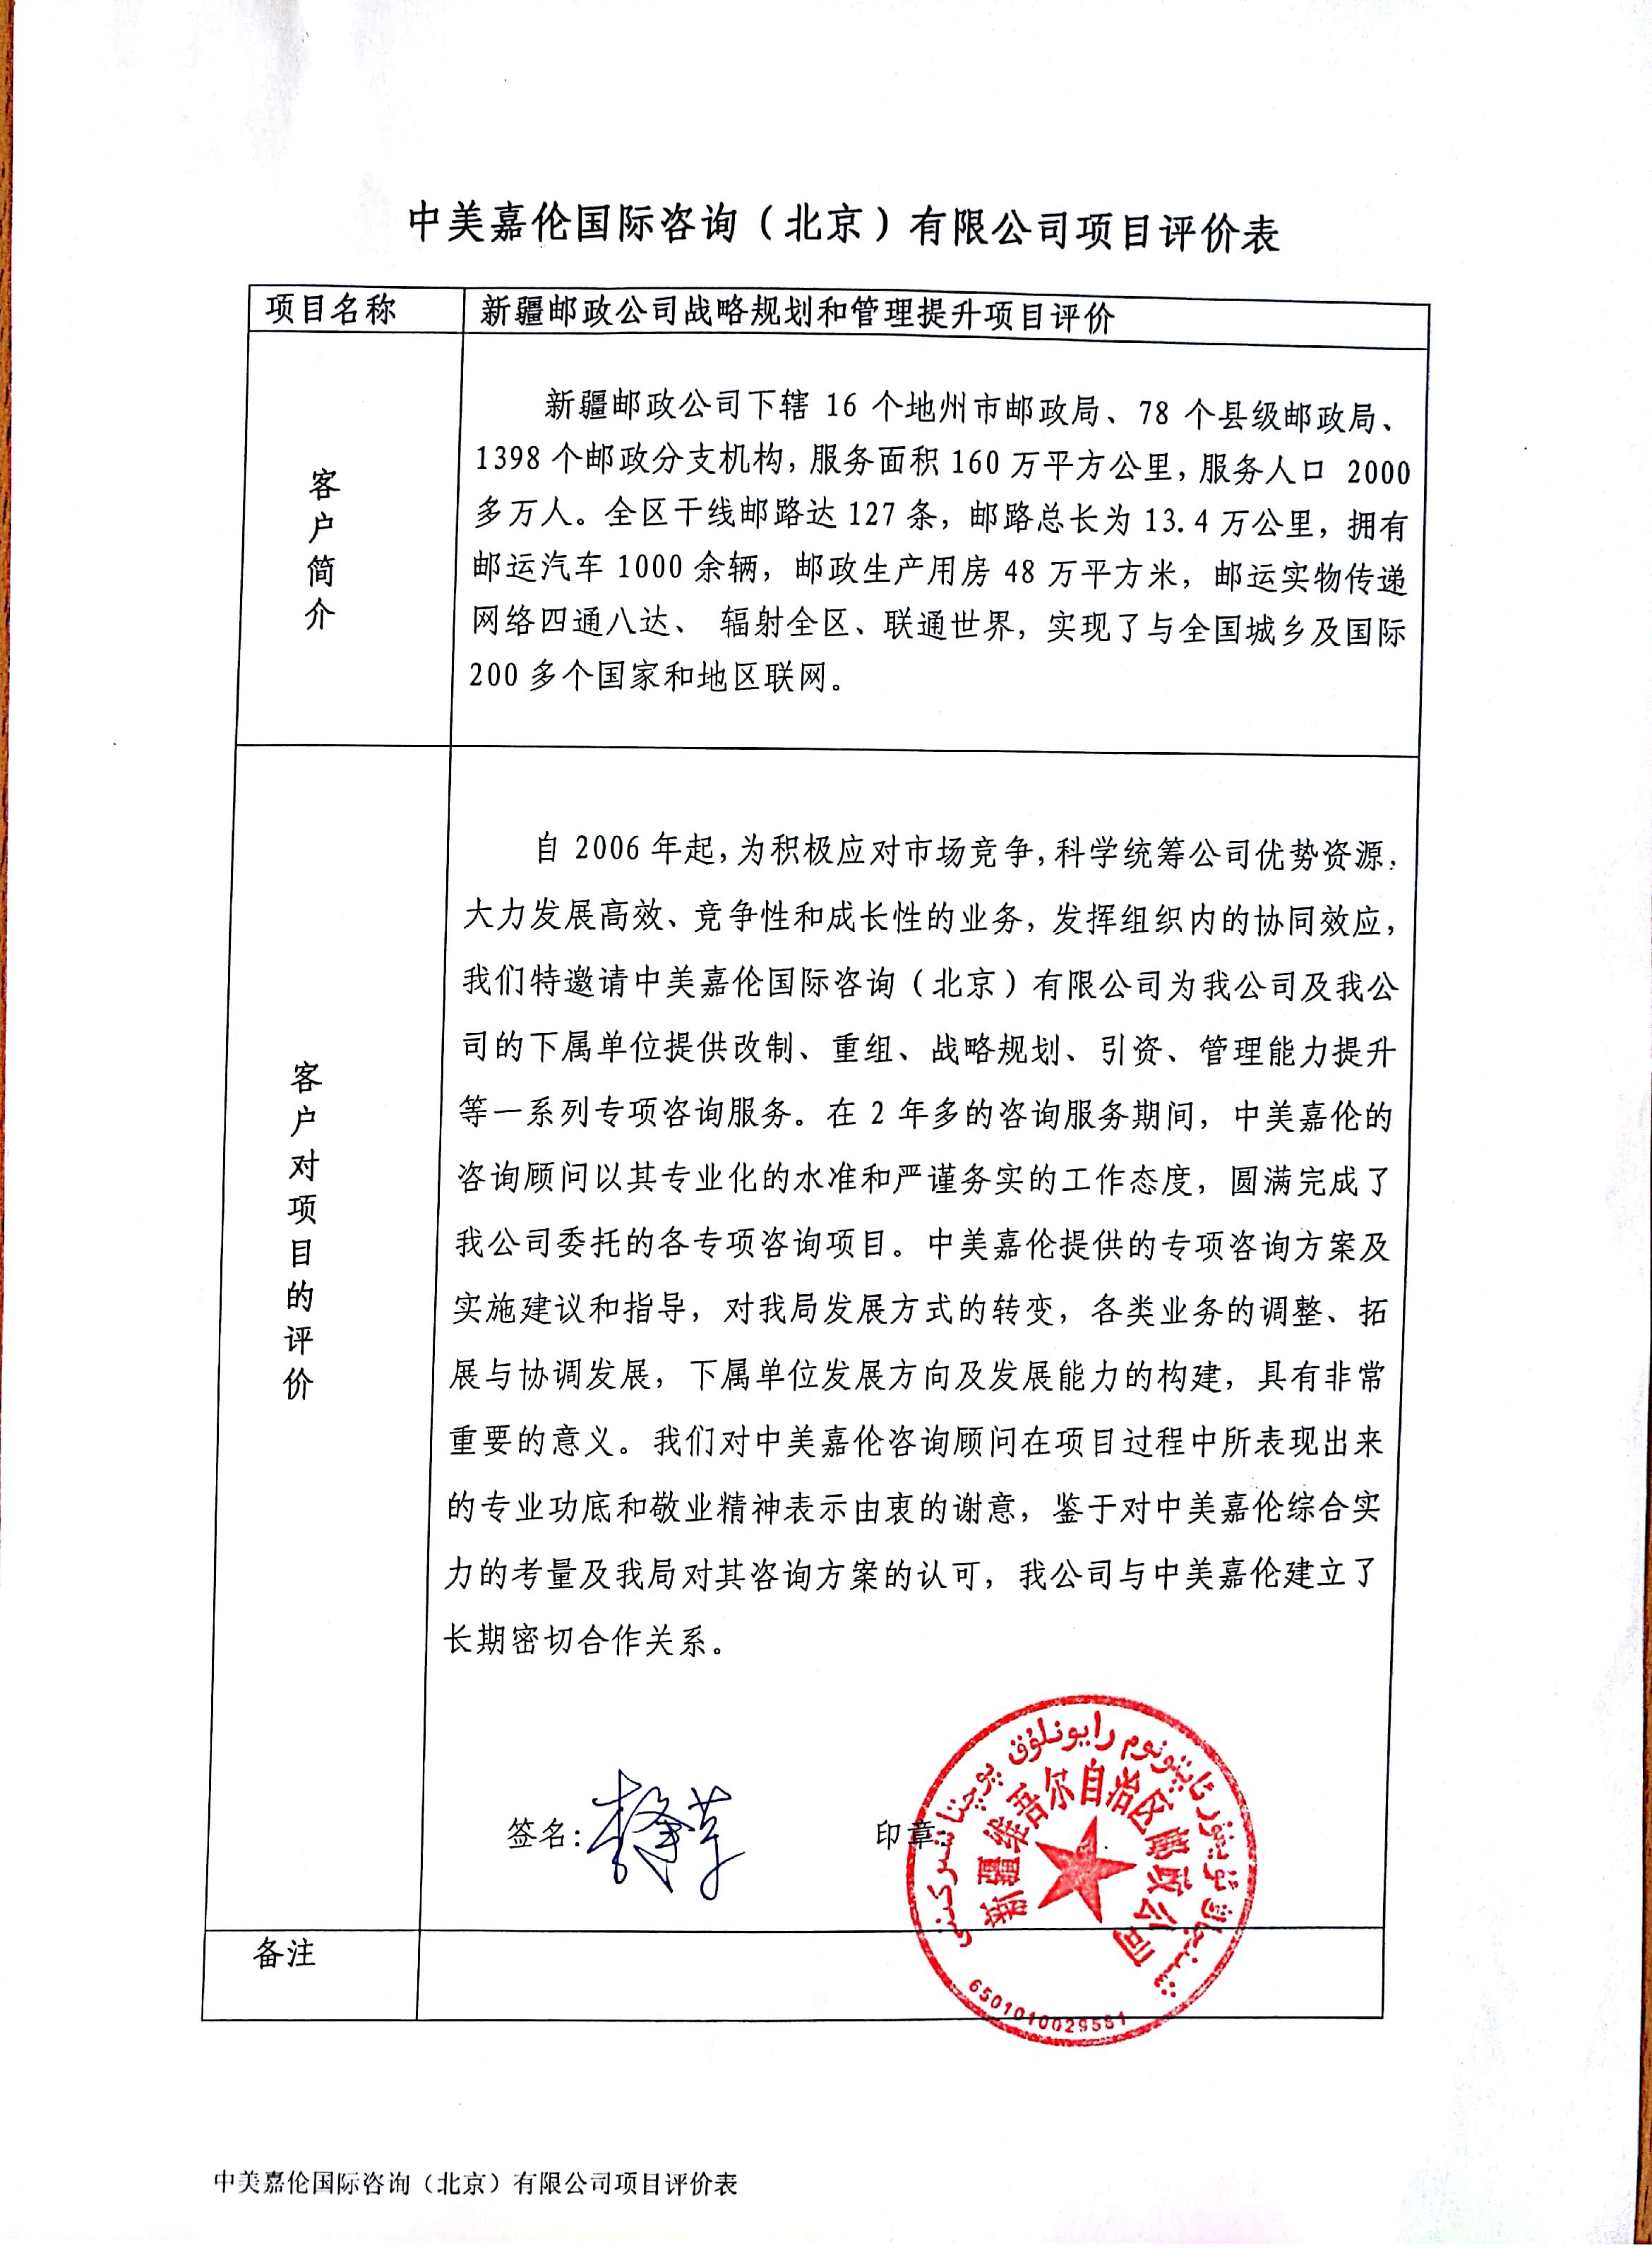 新疆邮政公司战略规划和管理提升项目评价表